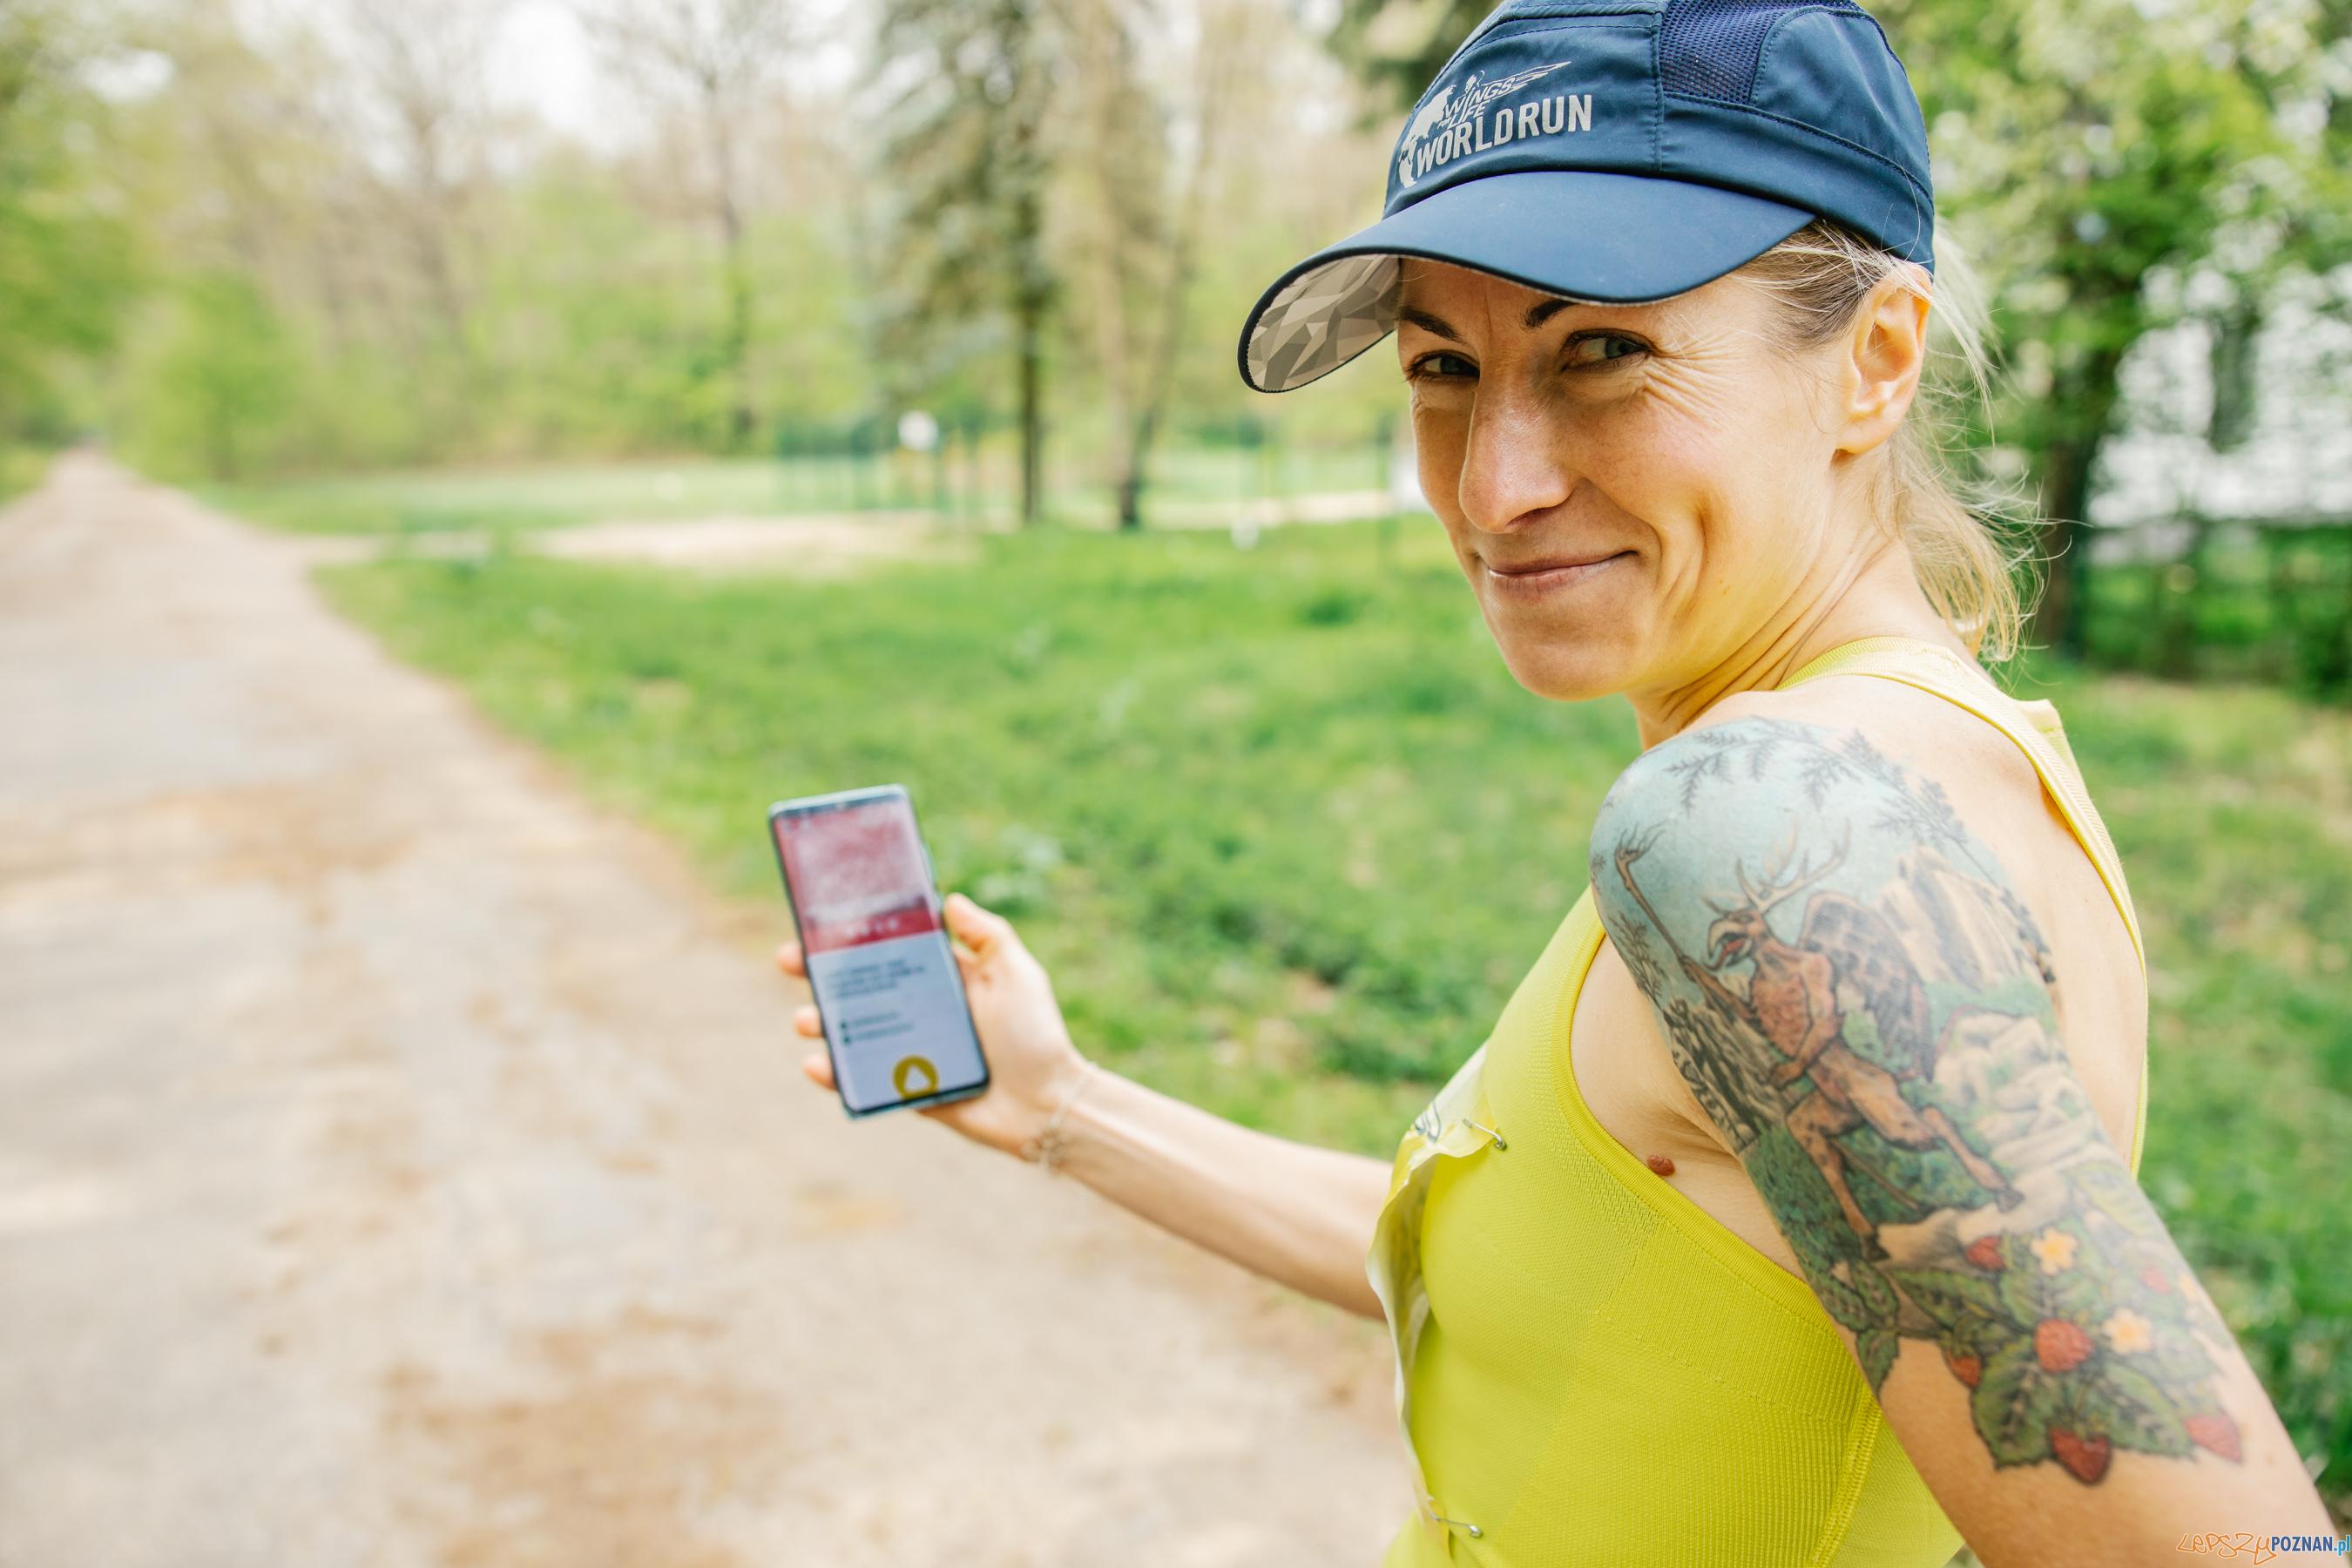 Dominika Stelmach pokonała 51,2km w biegu z aplikacją  Foto: materiały prasowe / Dorota Szulc